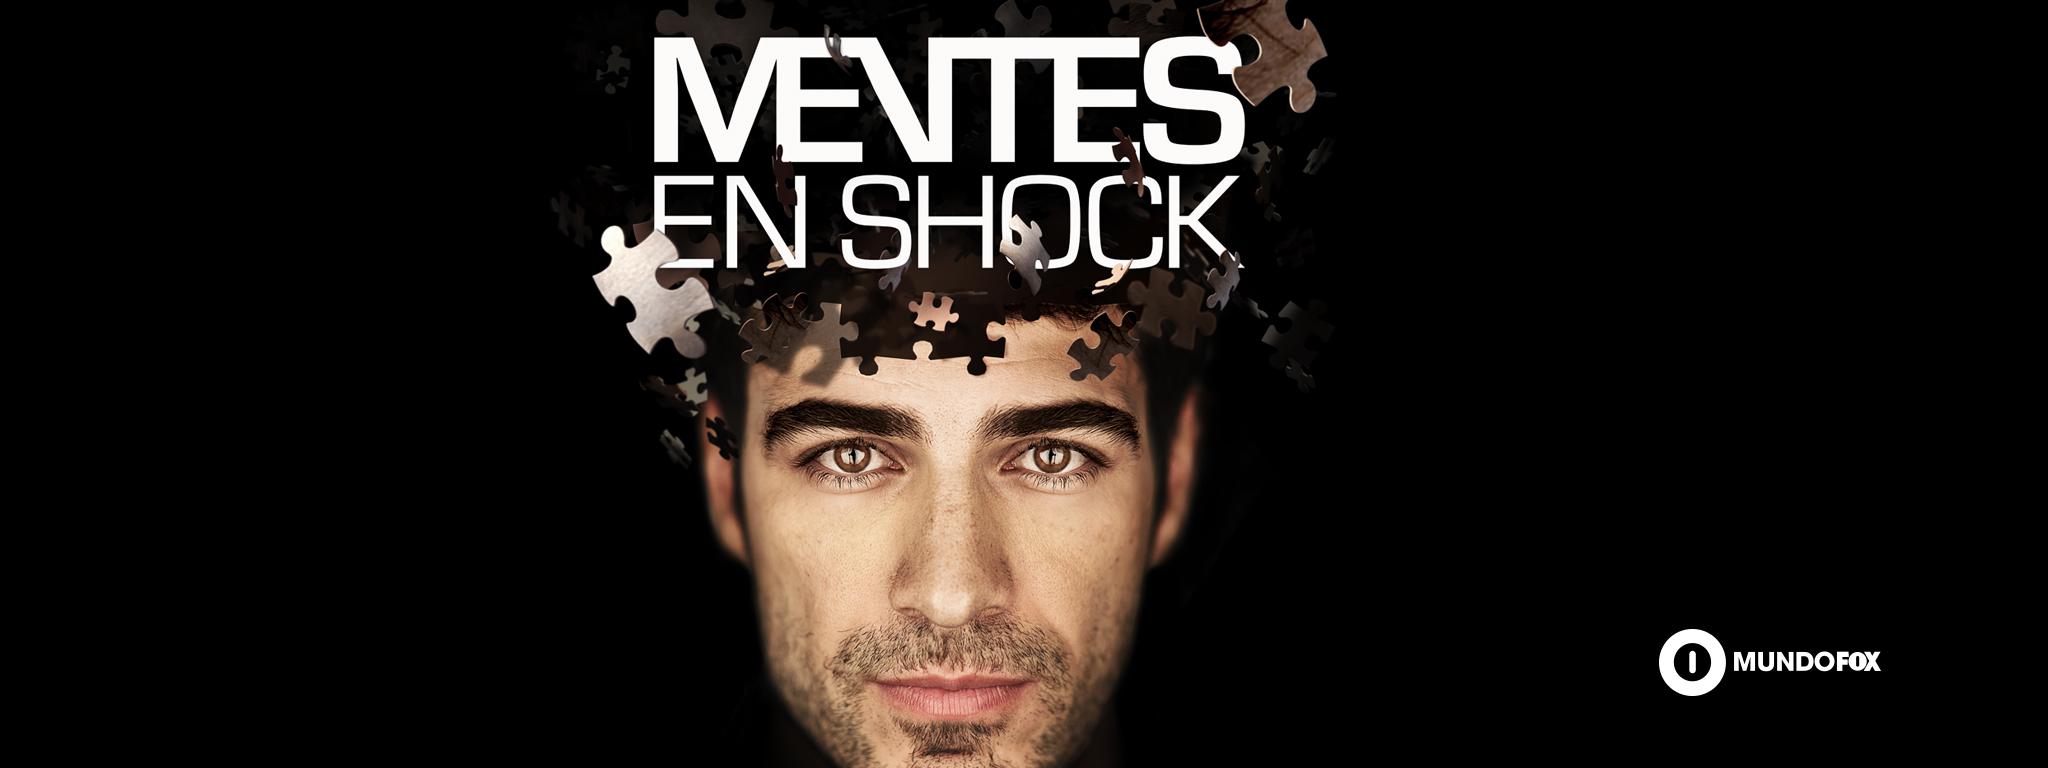 mentes_en_shock